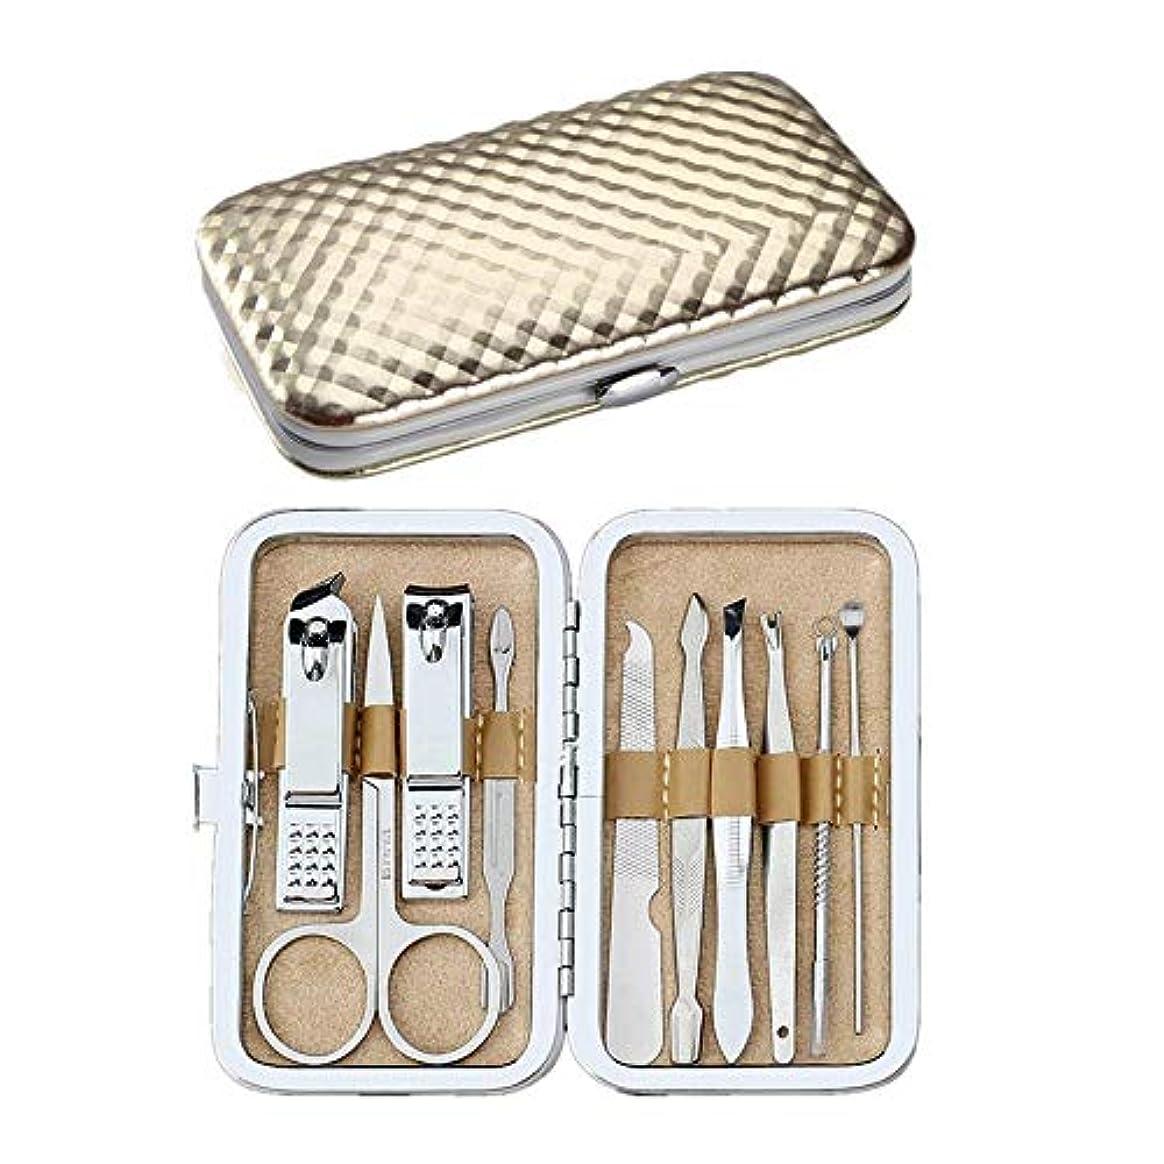 荒野転用スポンジ爪切りセット 高級感 ネイルケア10点セット グルーミング 収納箱携帯 金色